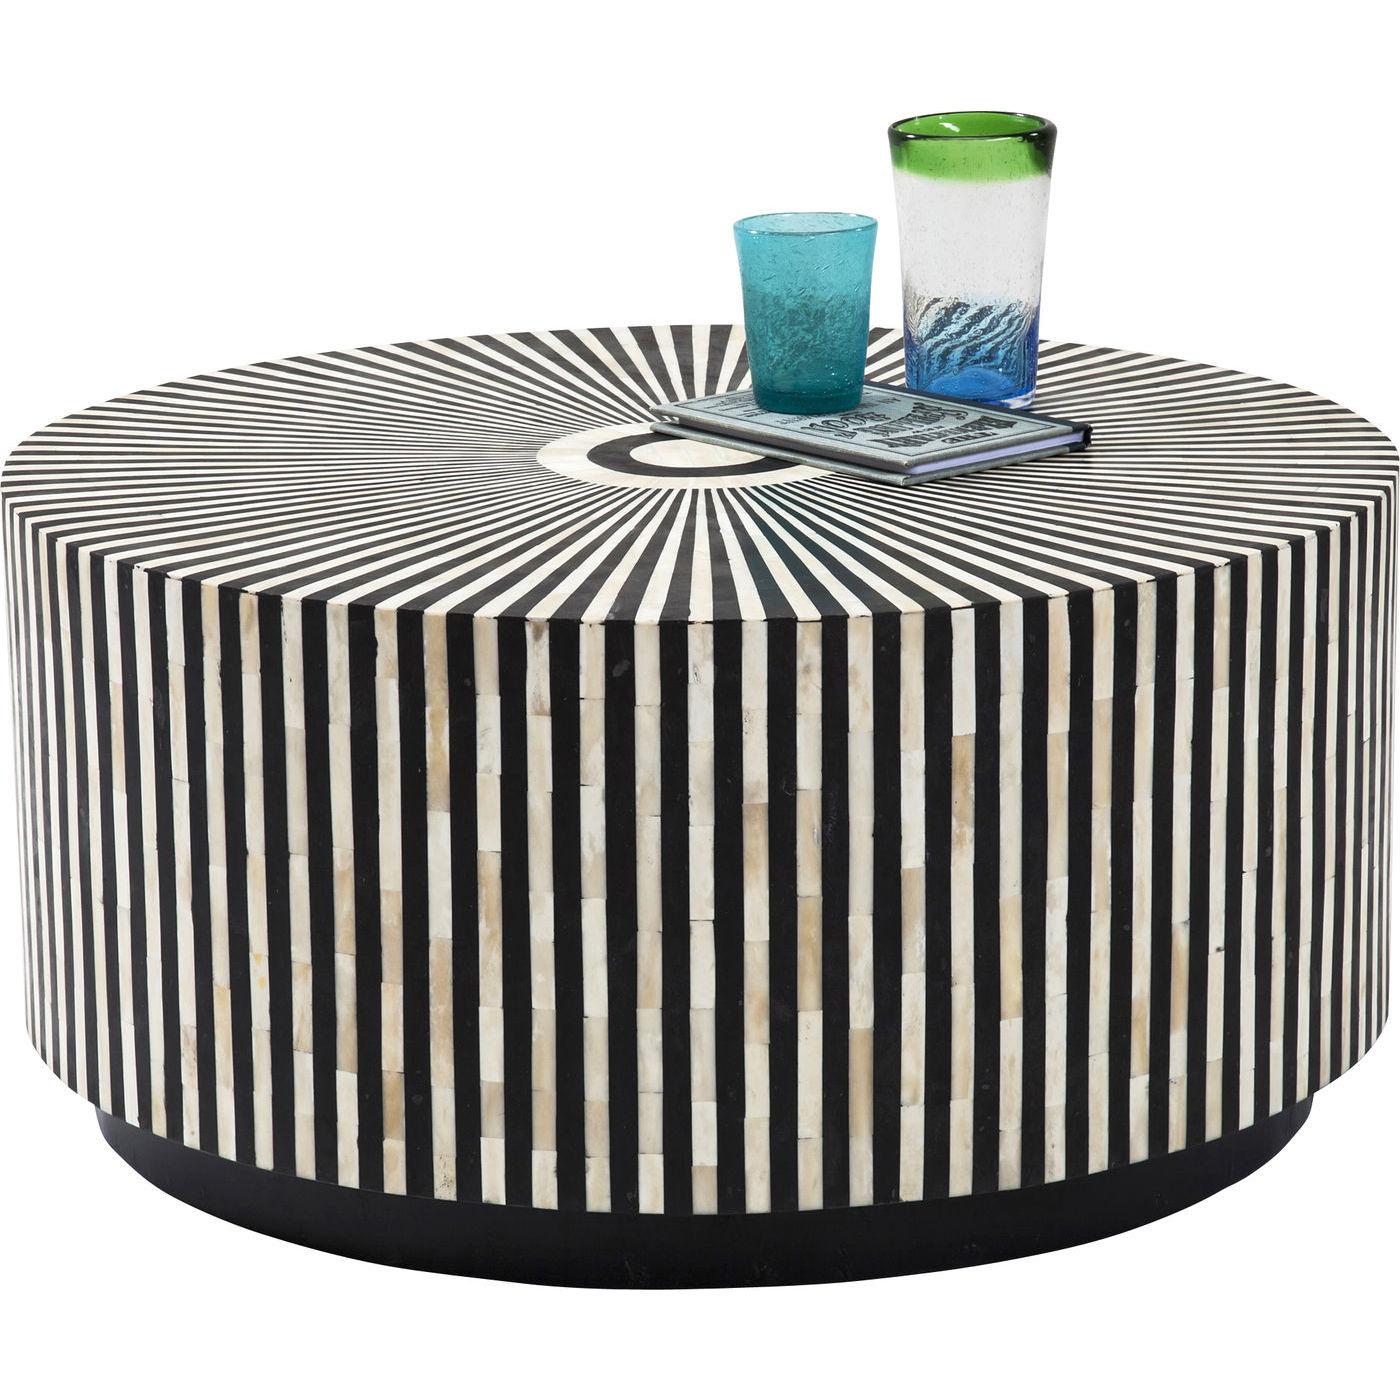 kare design – Kare design electra sofabord - creme/sort kamelben/fiberplade, rundt (ø75) fra boboonline.dk